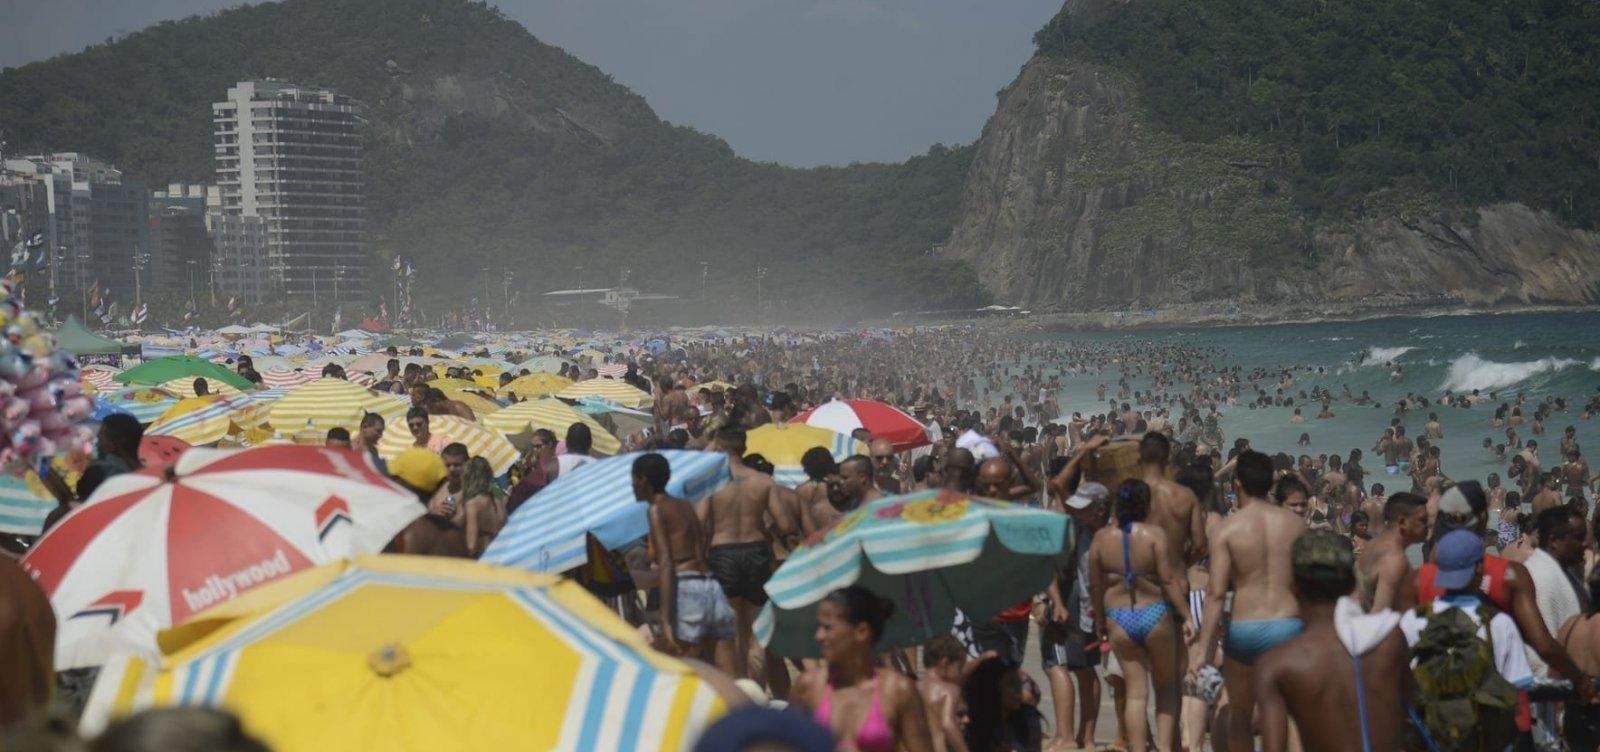 [Pandemia: Turismo brasileiro já deixou de faturar R$ 153,8 bilhões]